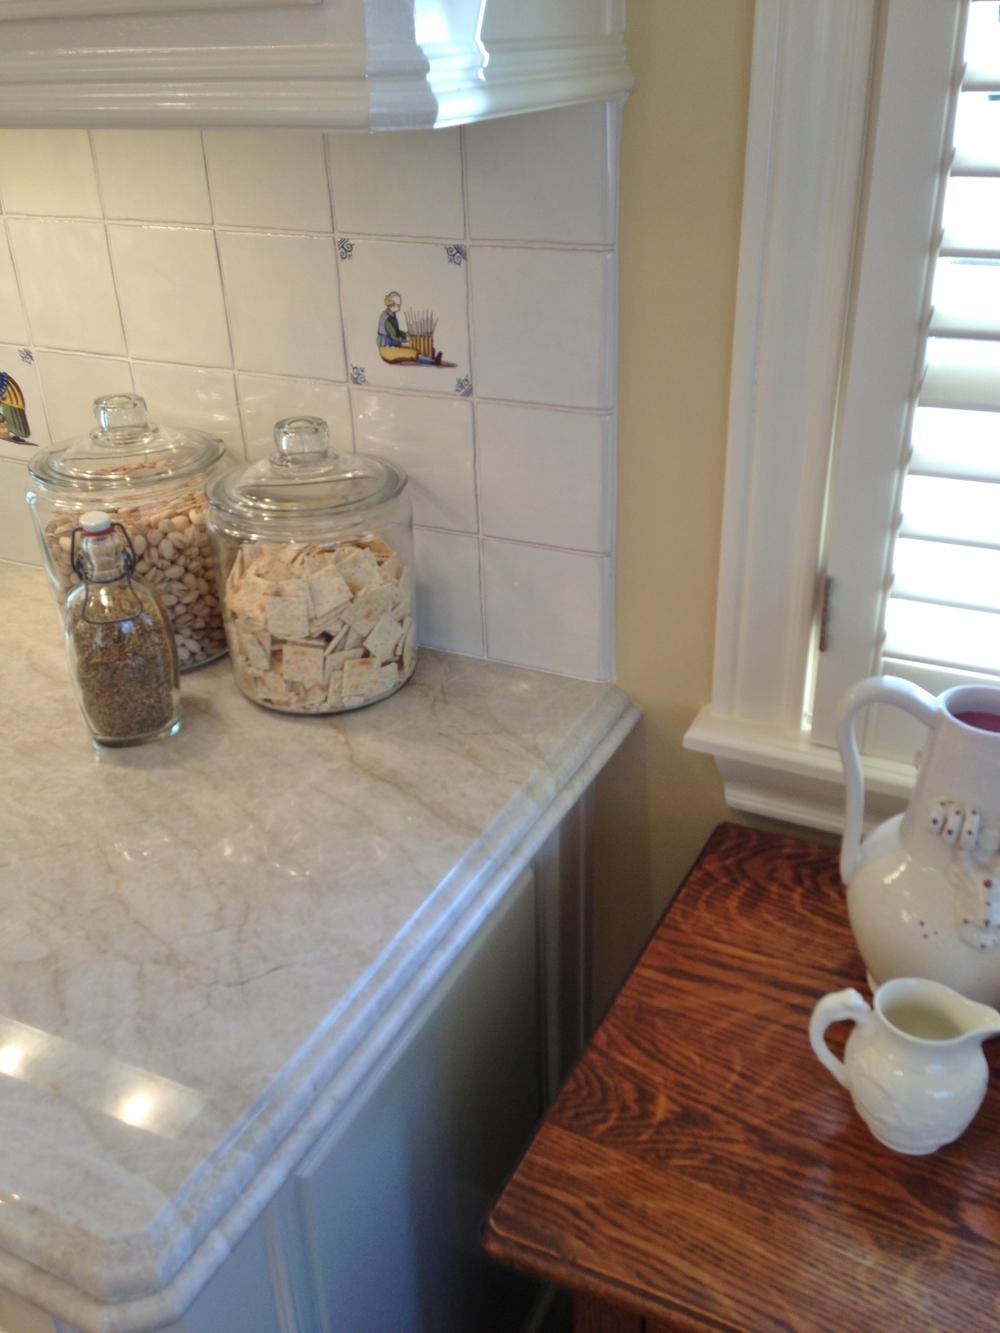 Where Do You End A Kitchen Backsplash?